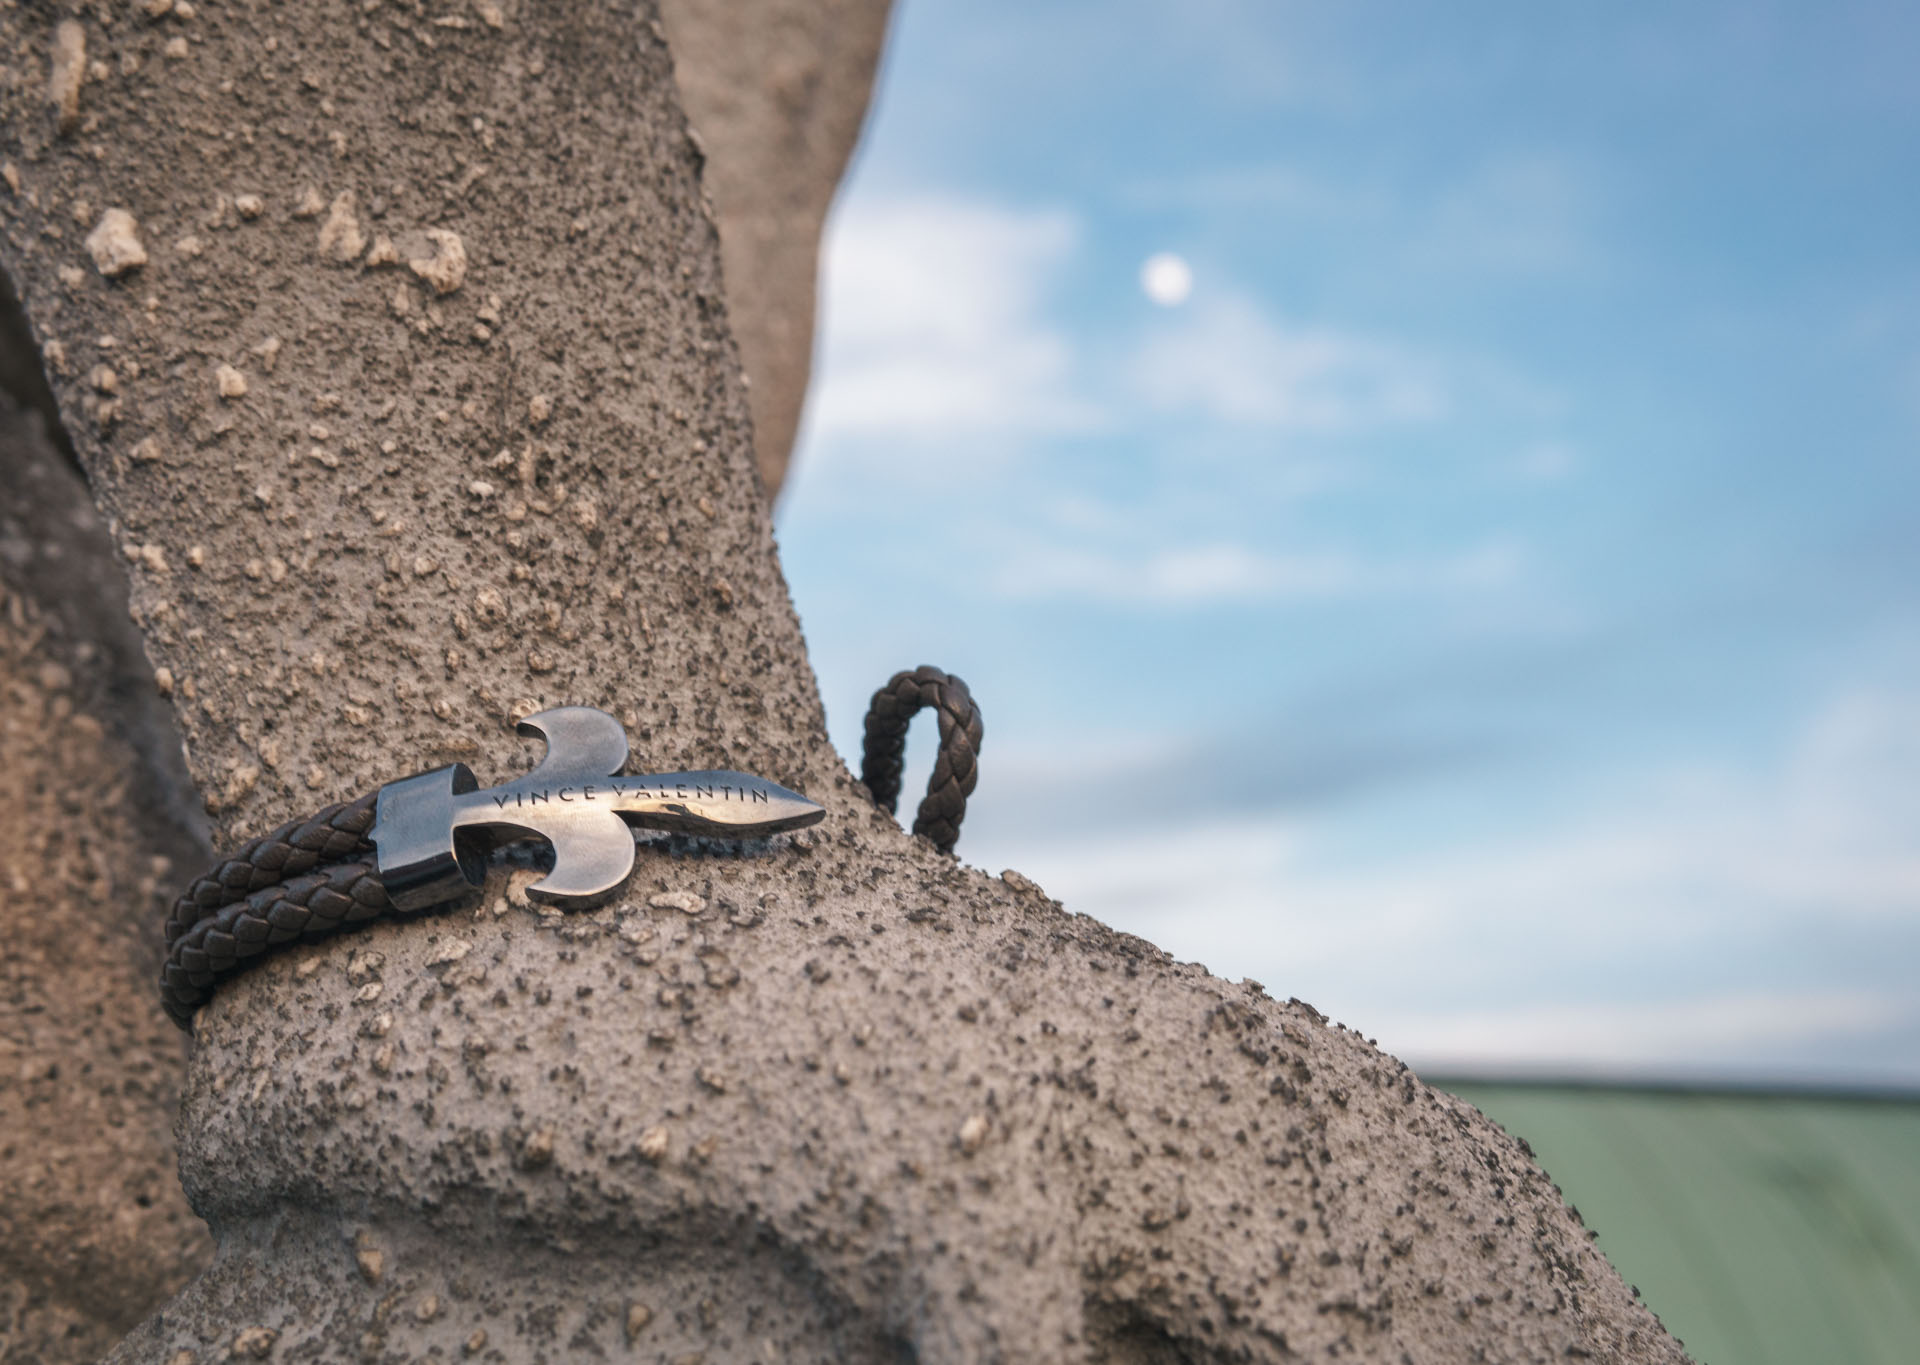 Vince Valentine Armband getragen von einer Steinstatue